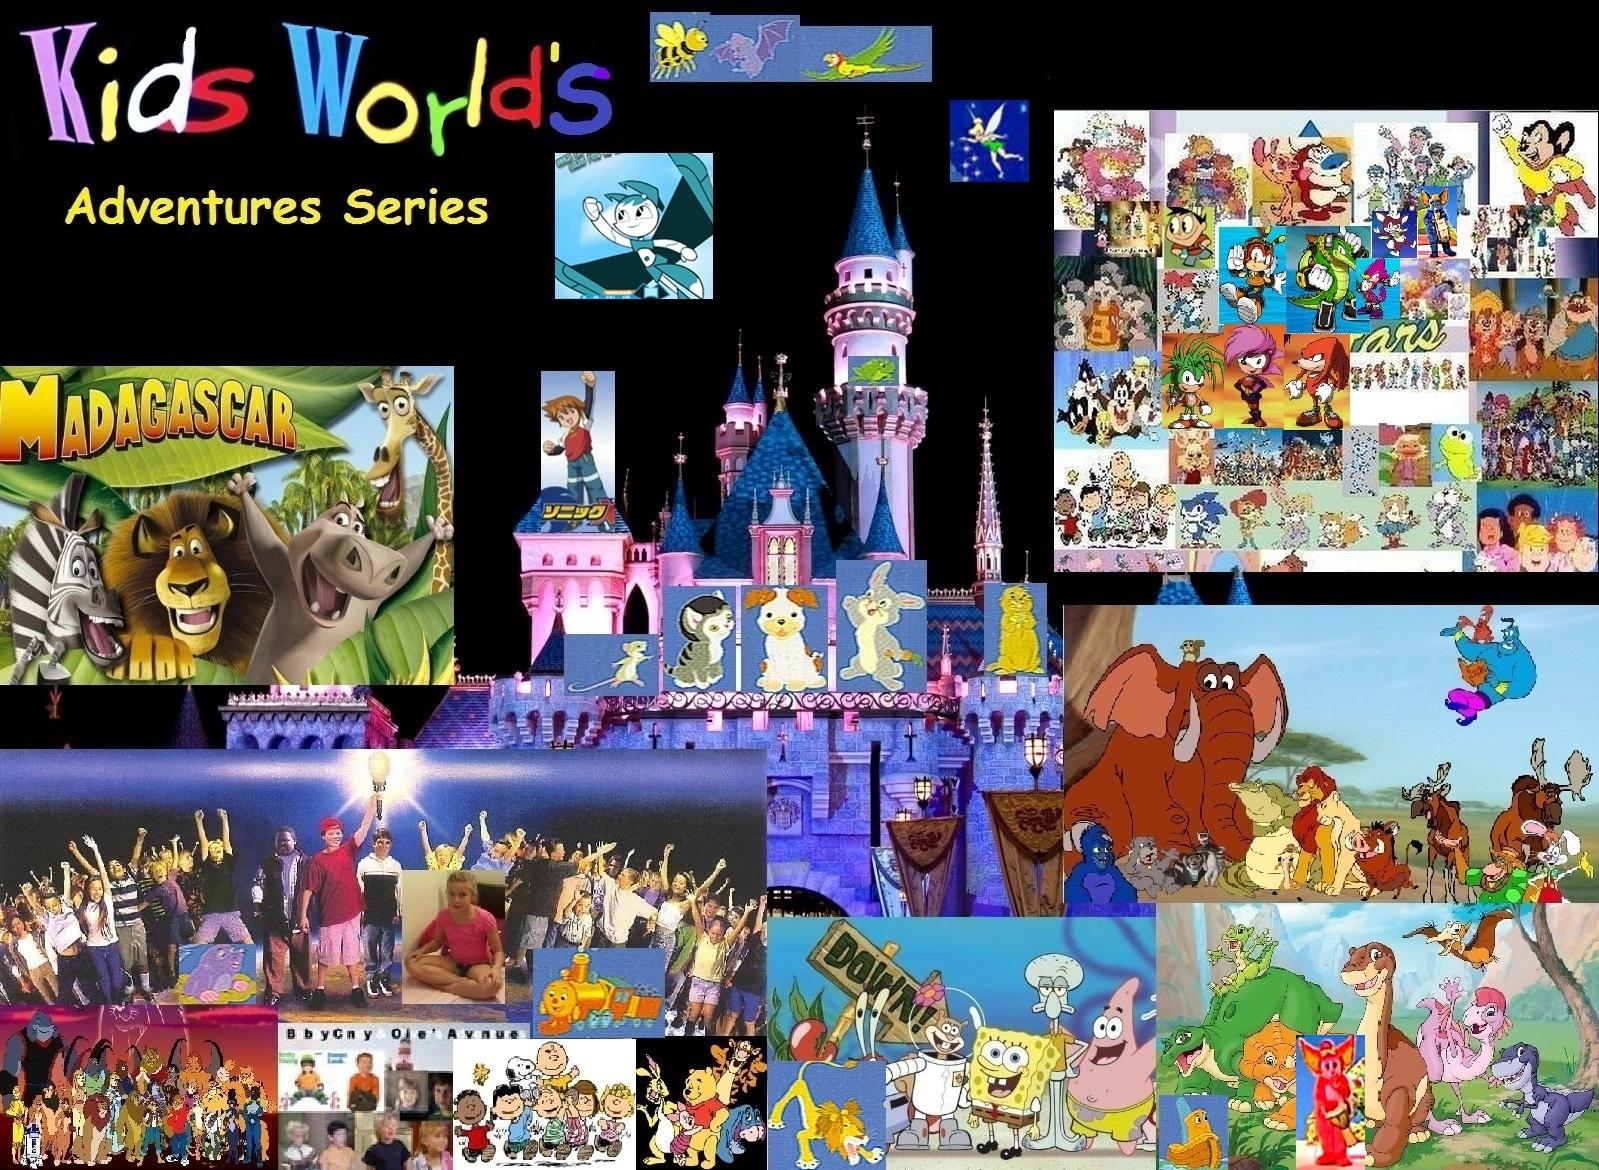 kids worlds adventures series films kids worlds